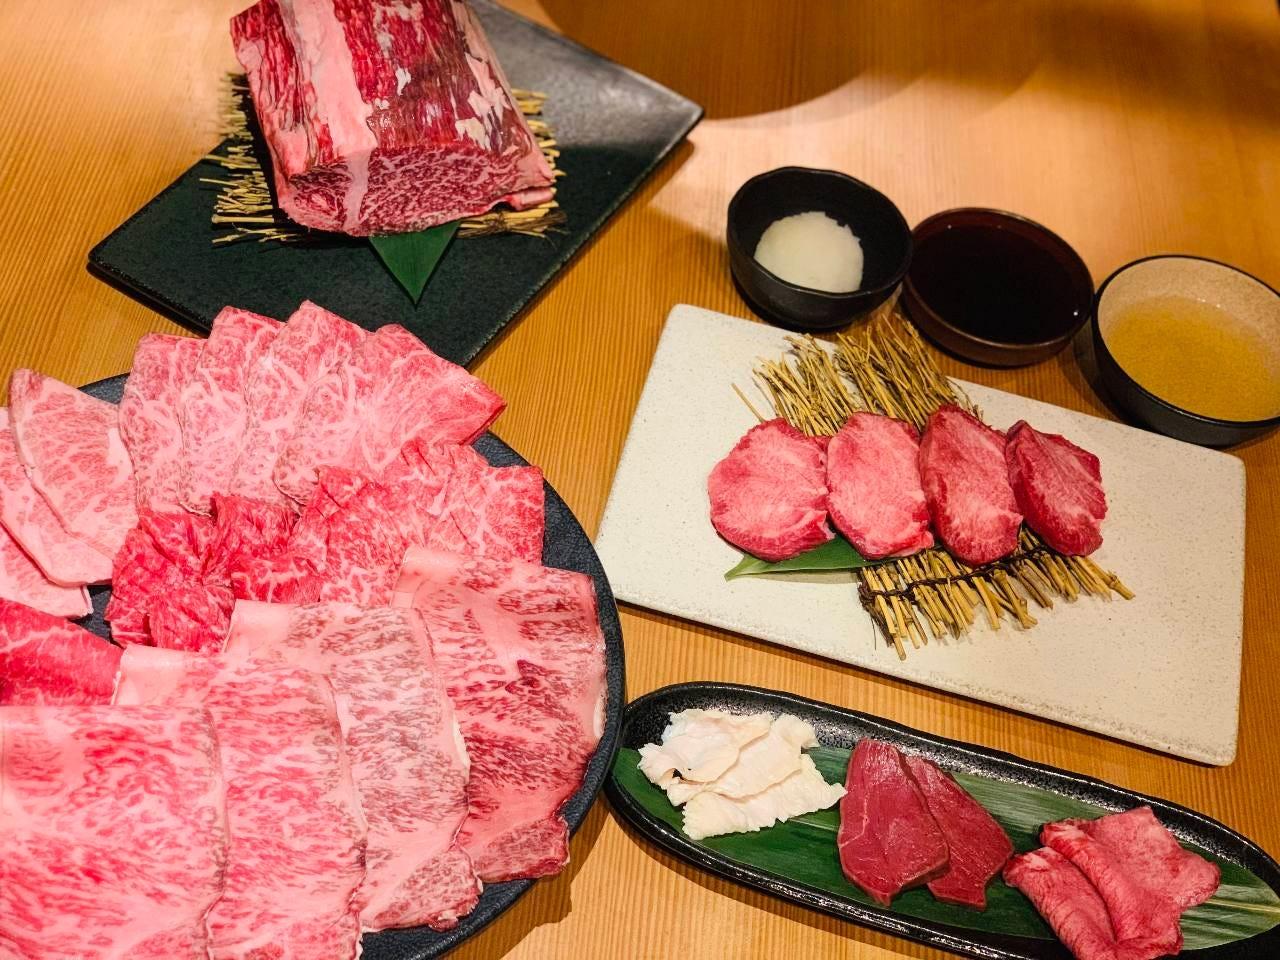 【至極】極み選ばれし国産牛の数々。貴方は今日からにくまにあ。料理のみ13000円コース